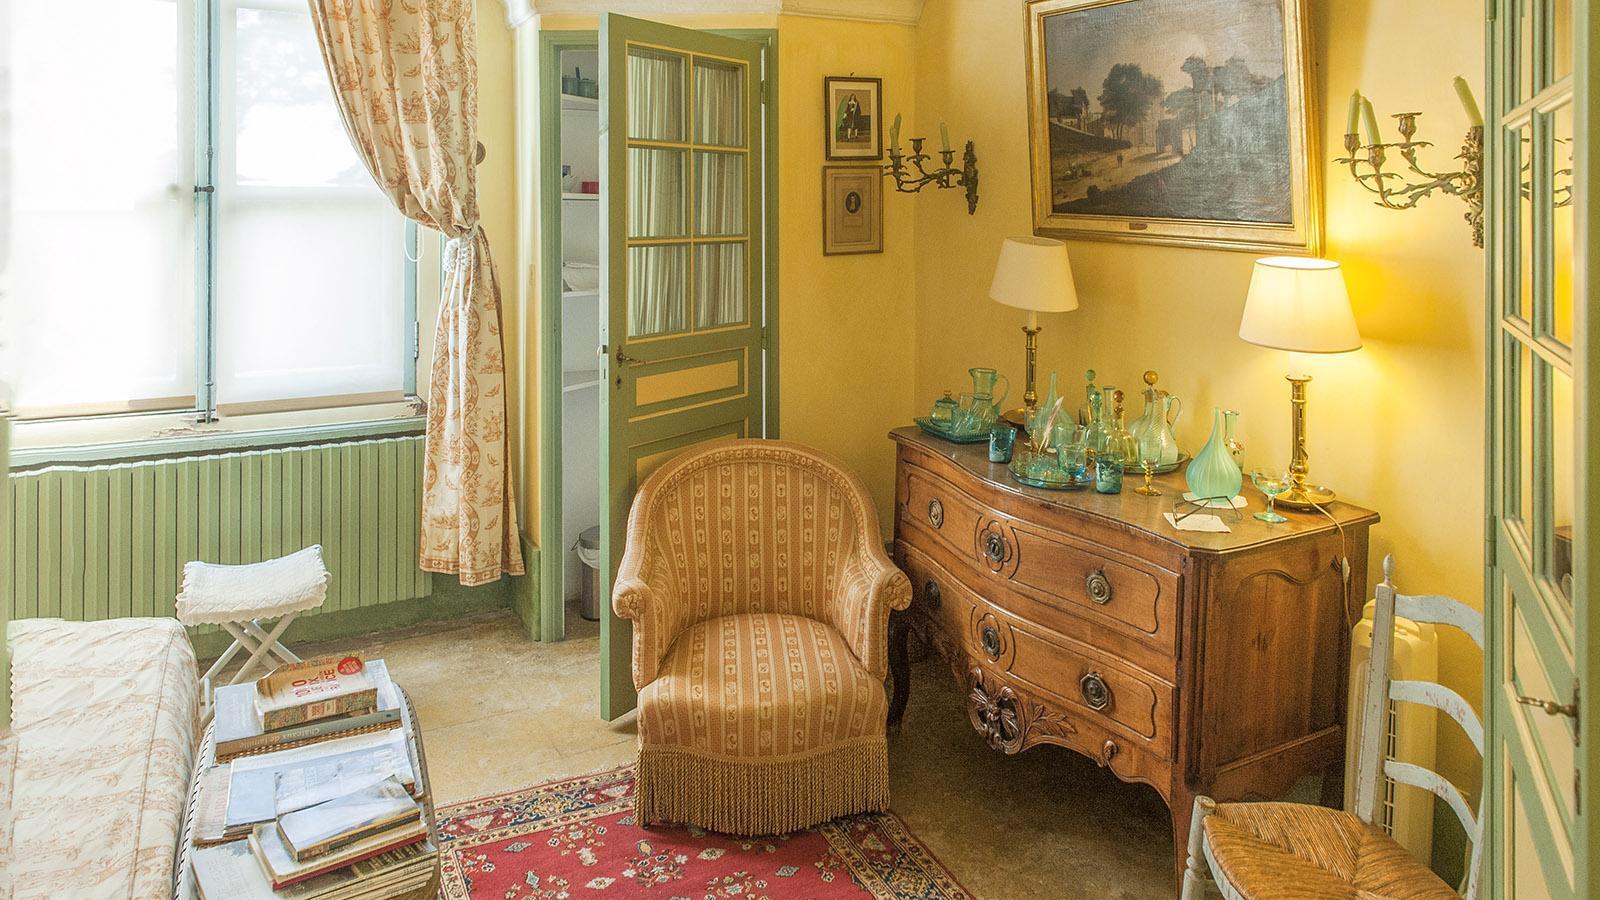 Chateau de Flaugergues: Das Schloss wird noch heute genutzt - daher findet ihr auch Literatur von heute hier. Foto: Hilke Maunder